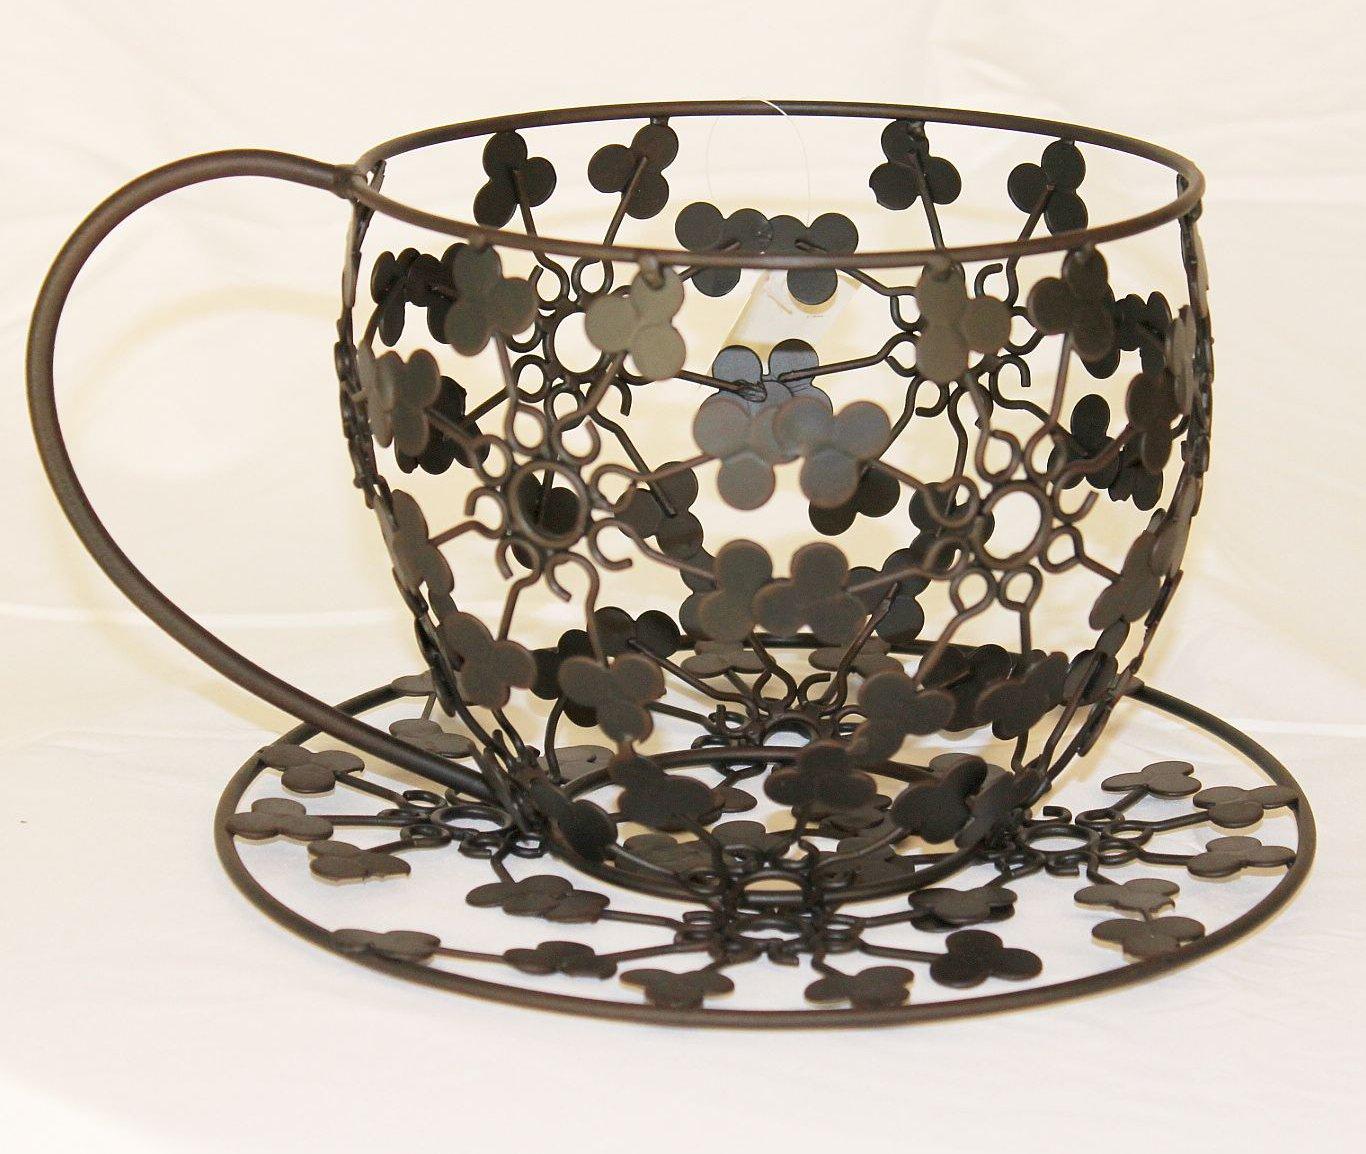 blumenst nder pflanzenst nder vase teetasse aus metall 26 cm schwarz ch143 dandibo. Black Bedroom Furniture Sets. Home Design Ideas